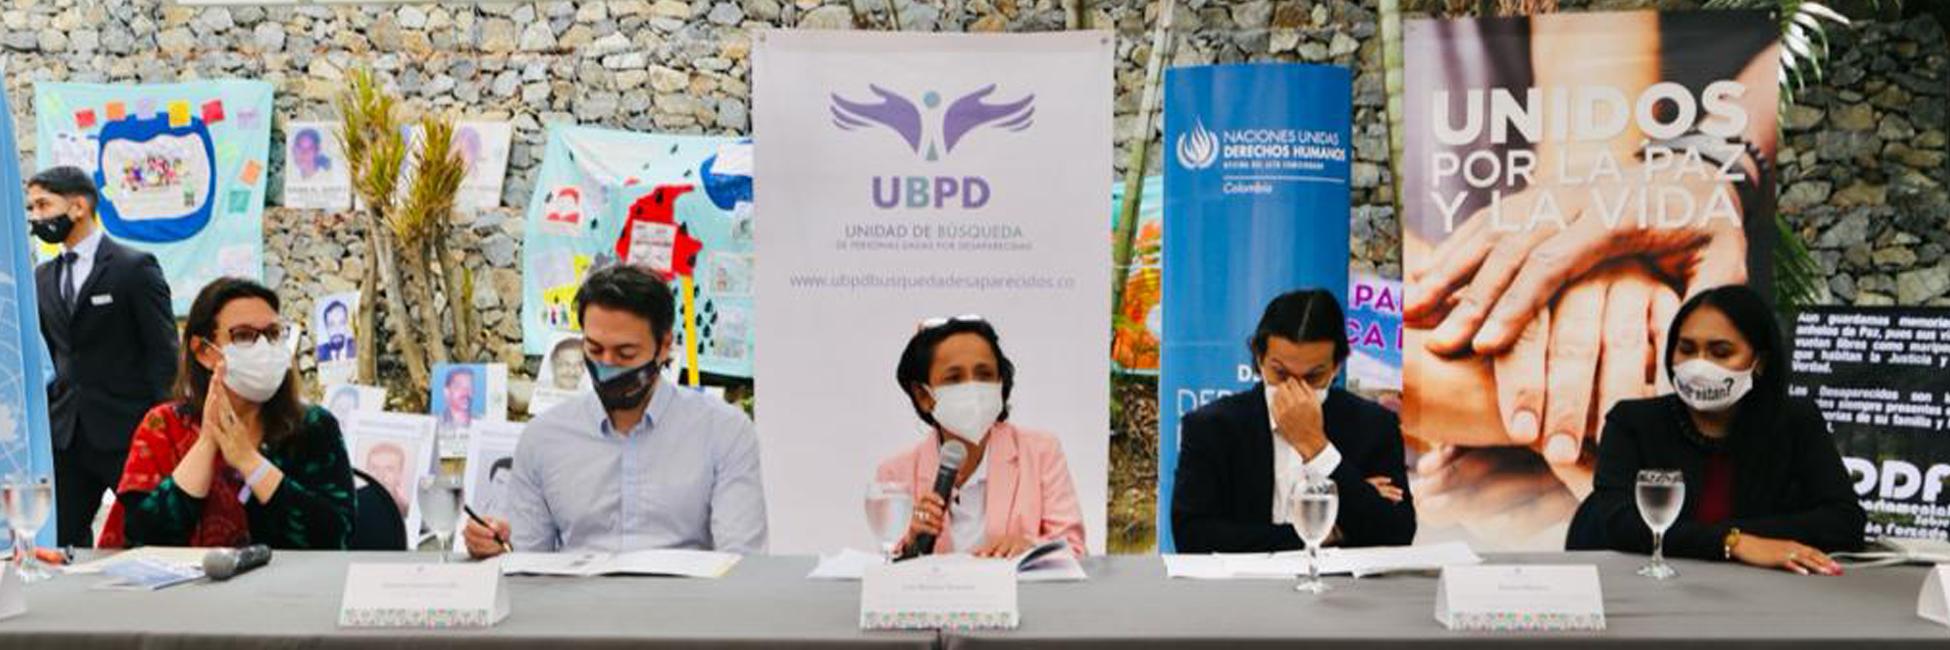 Pacto Regional Medellín Unidad de Búsqueda